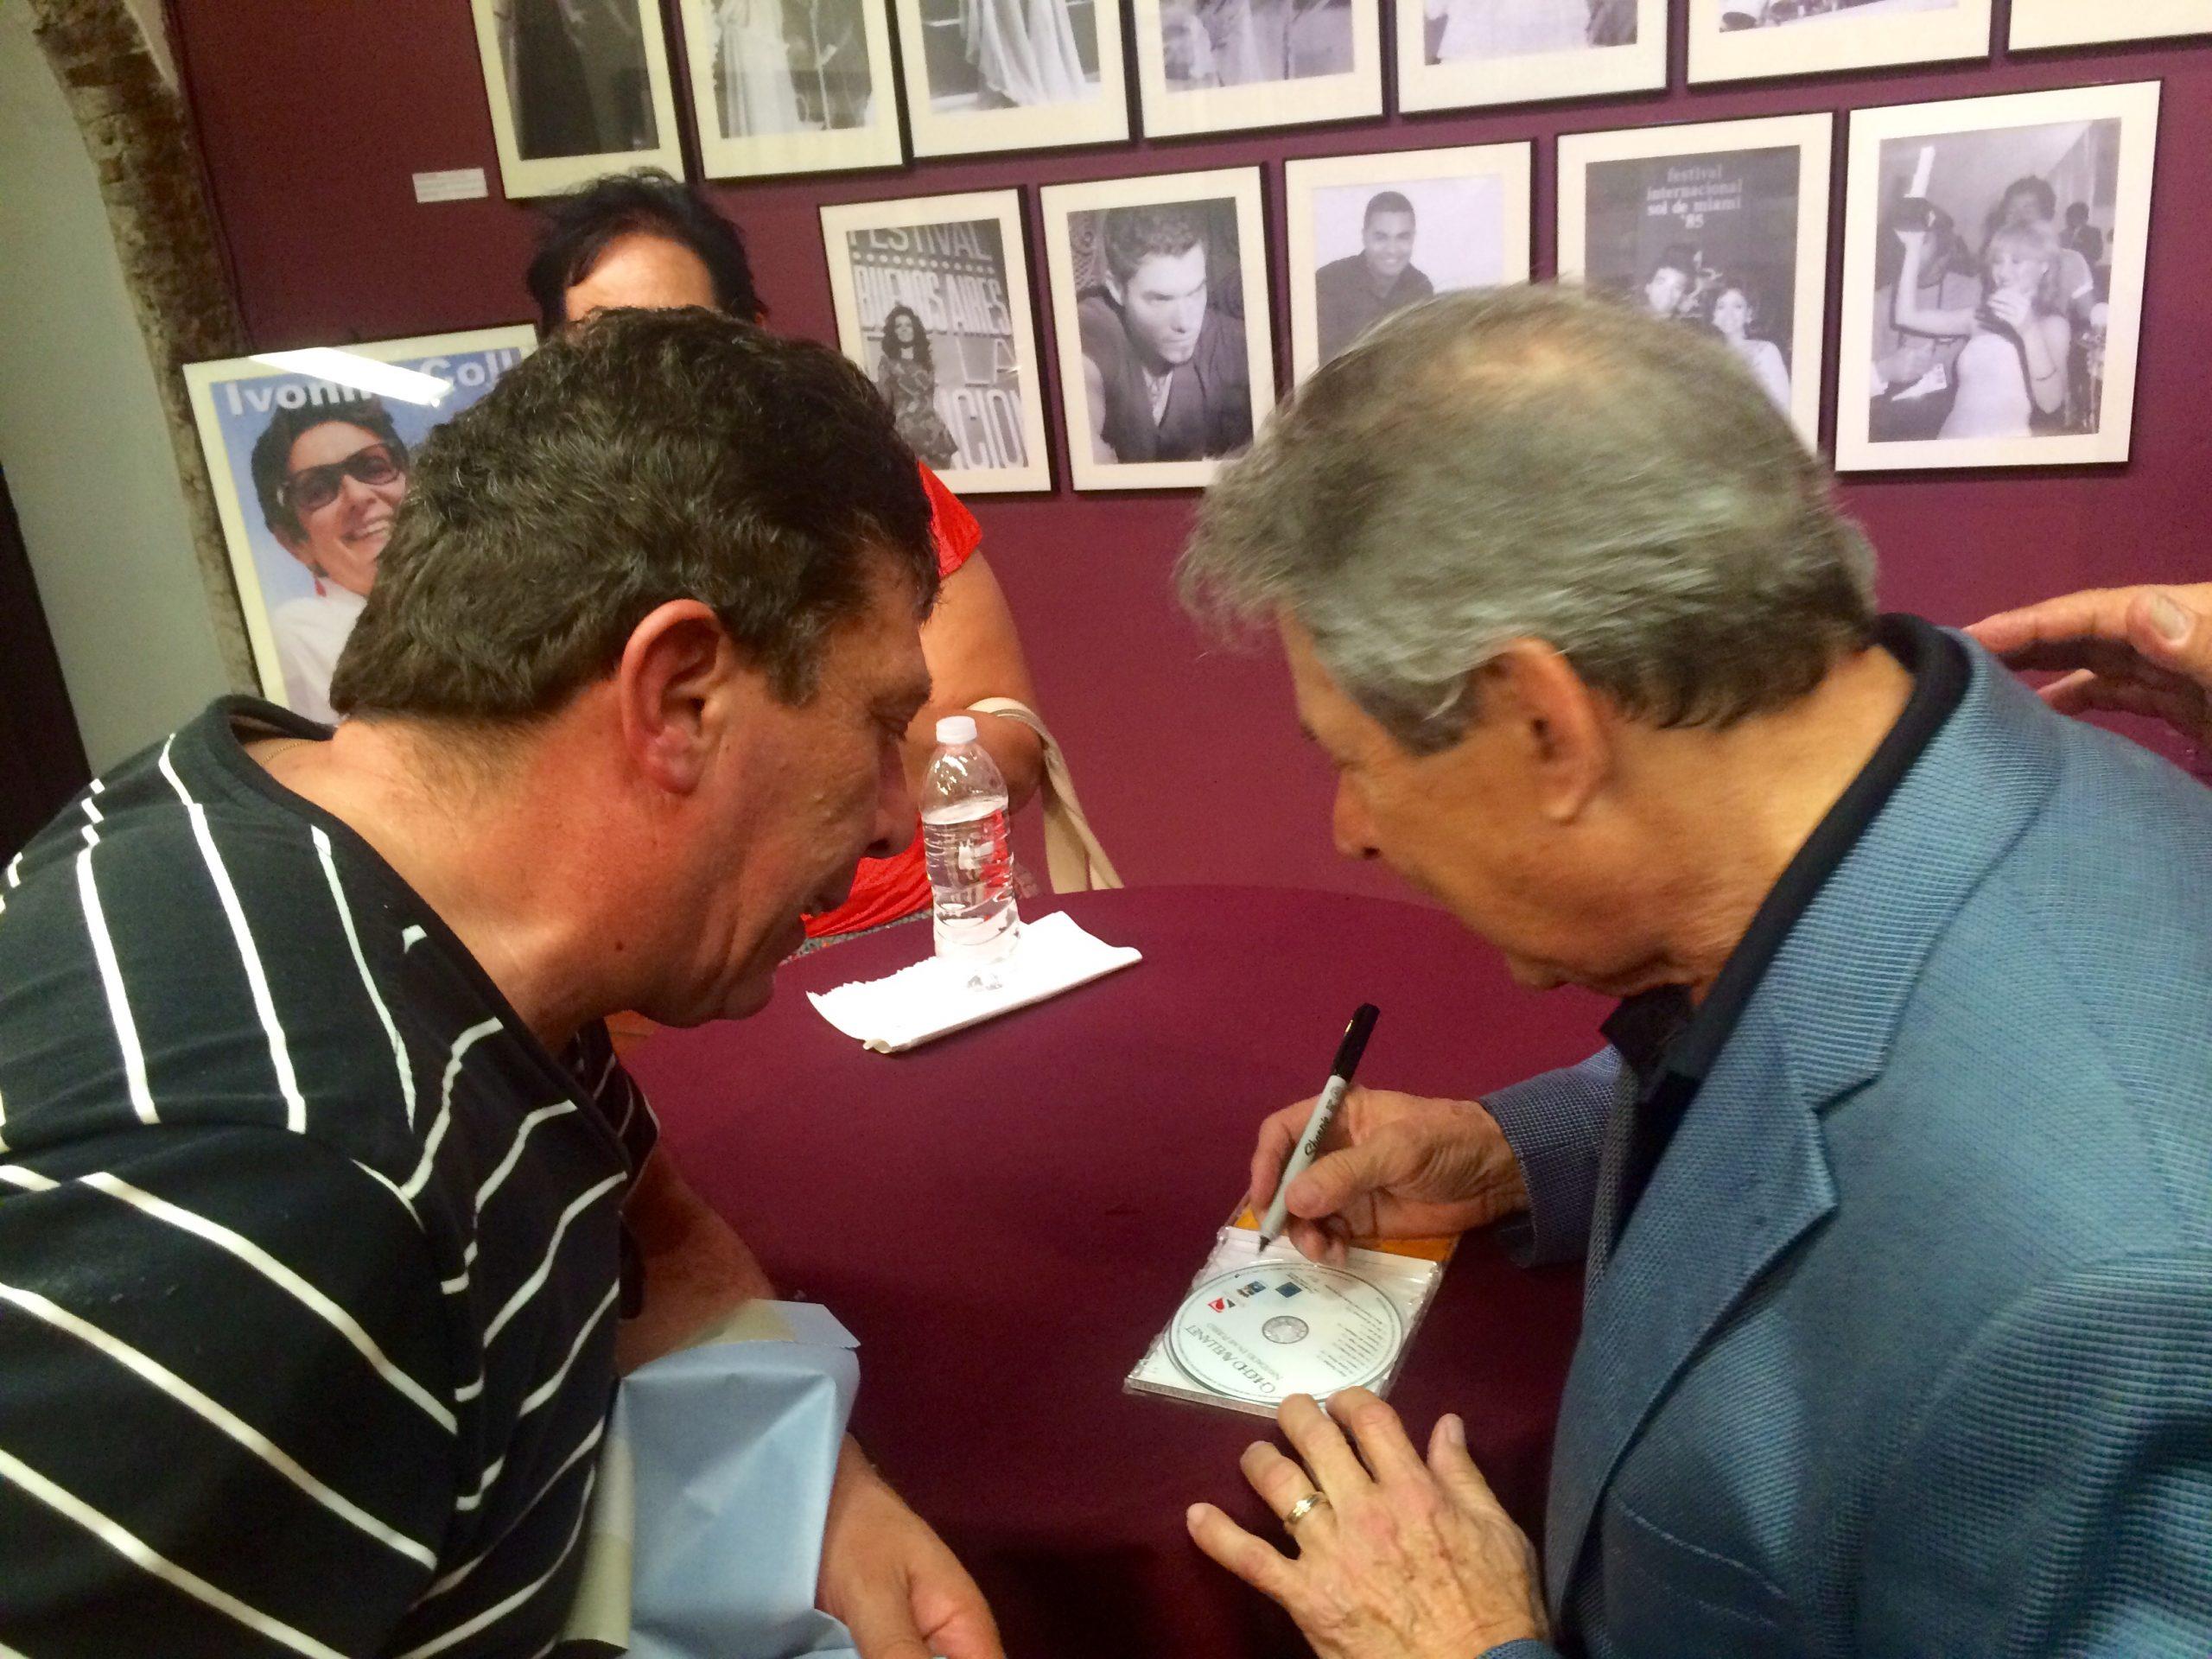 El artista autografió discos para sus admiradores. (Foto Jaime Torres Torres para Fundación Nacional para la Cultura Popular)